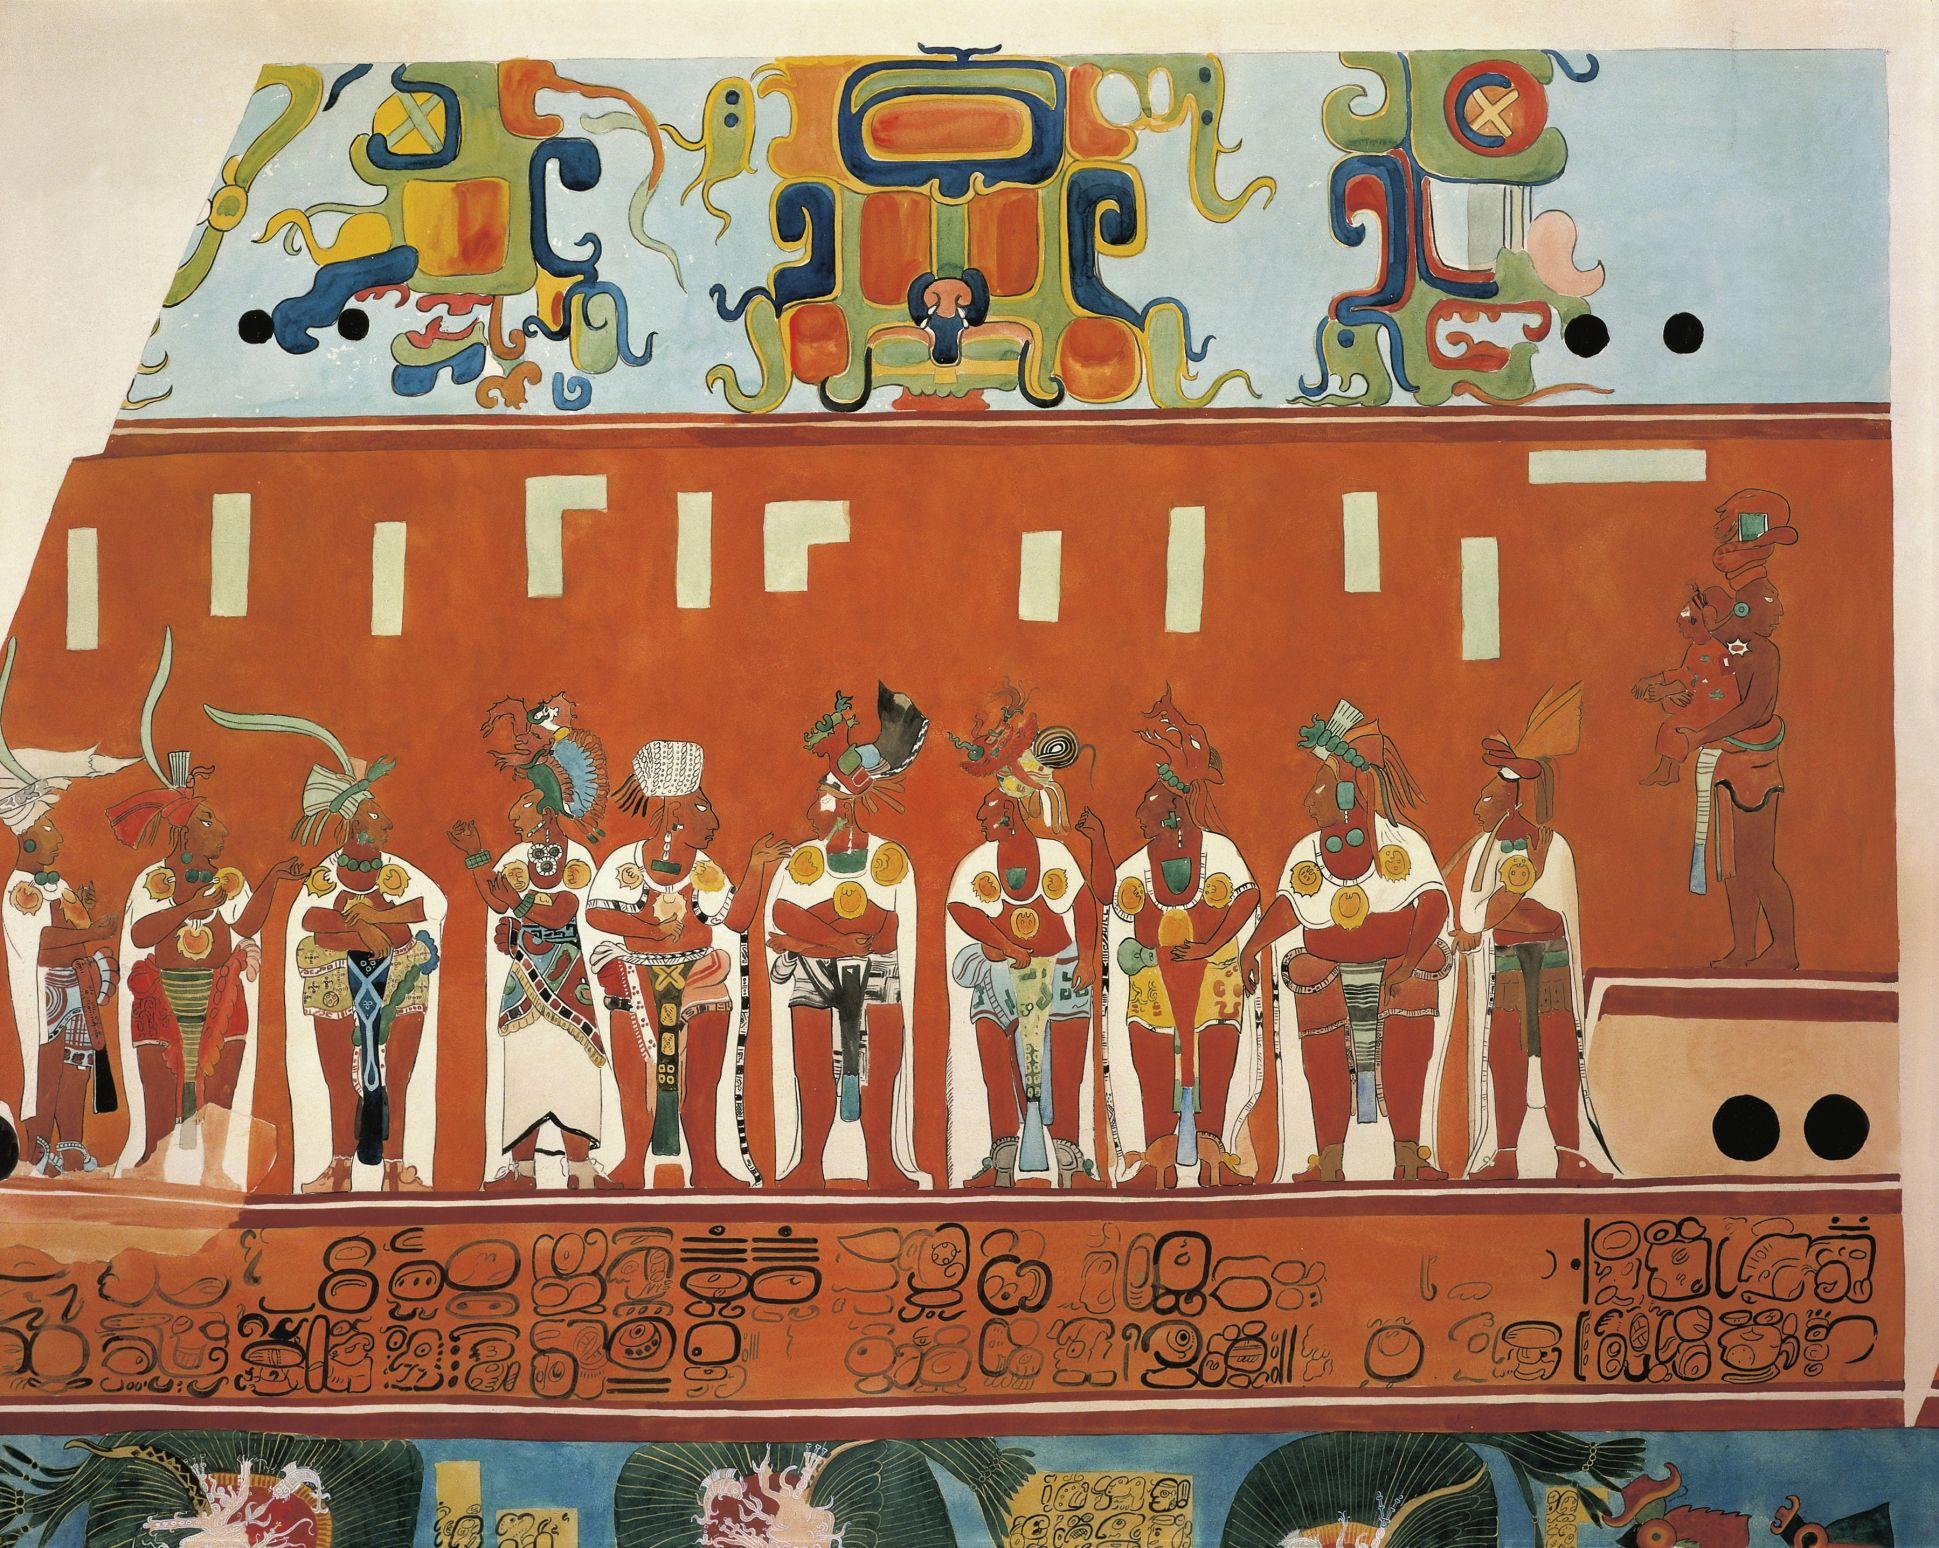 Beautiful Reconstruction Drawings of the Murals of Bonampak